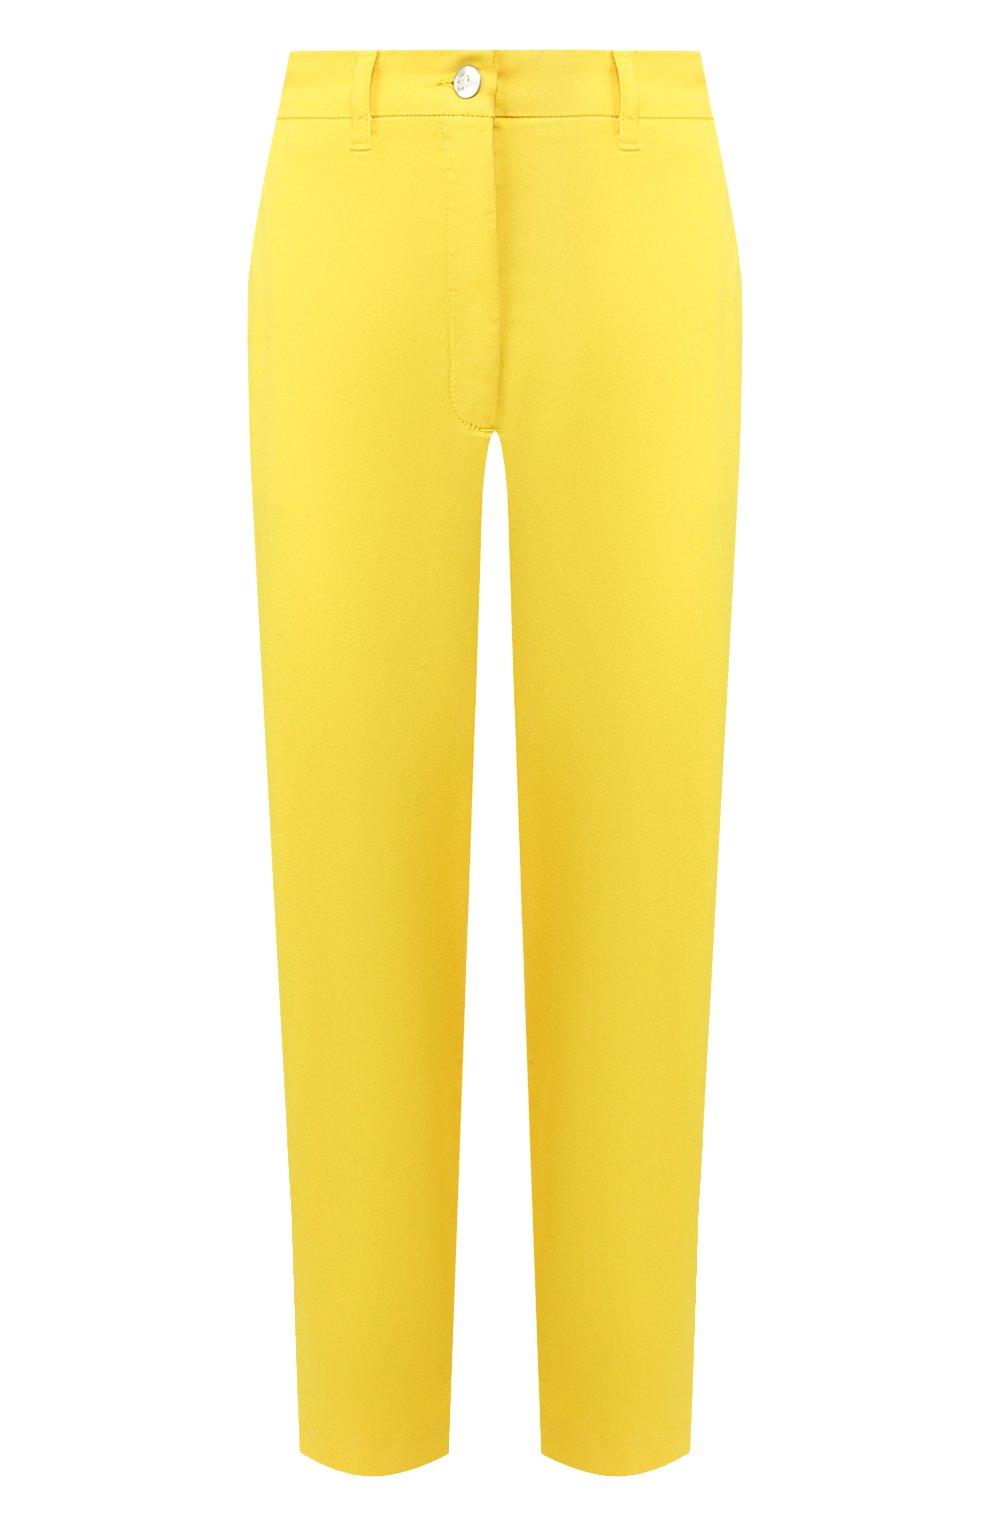 Женские хлопковые брюки TWO WOMEN IN THE WORLD желтого цвета, арт. LAUREN/YEAT3   Фото 1 (Женское Кросс-КТ: Брюки-одежда; Силуэт Ж (брюки и джинсы): Прямые; Материал внешний: Хлопок; Длина (брюки, джинсы): Укороченные)